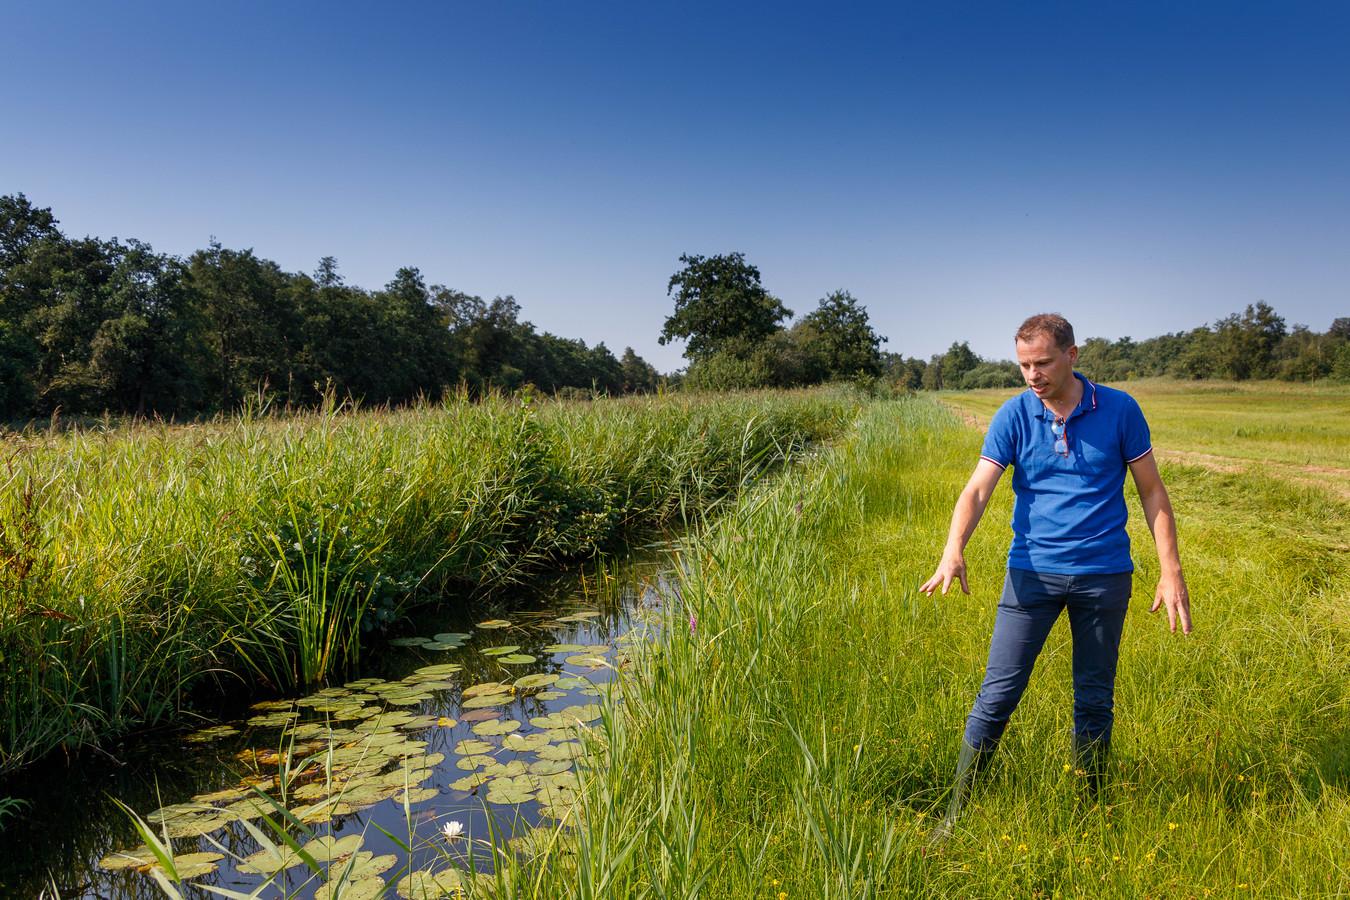 Projectleider Bauke Zijlstra van de provincie Overijssel legt uit hoe een afgraving van de oeverstroken gaat zorgen voor een nieuw leefgebied voor de Grote vuurvlinder in natuurgebied De Wieden in de Kop van Overijssel.